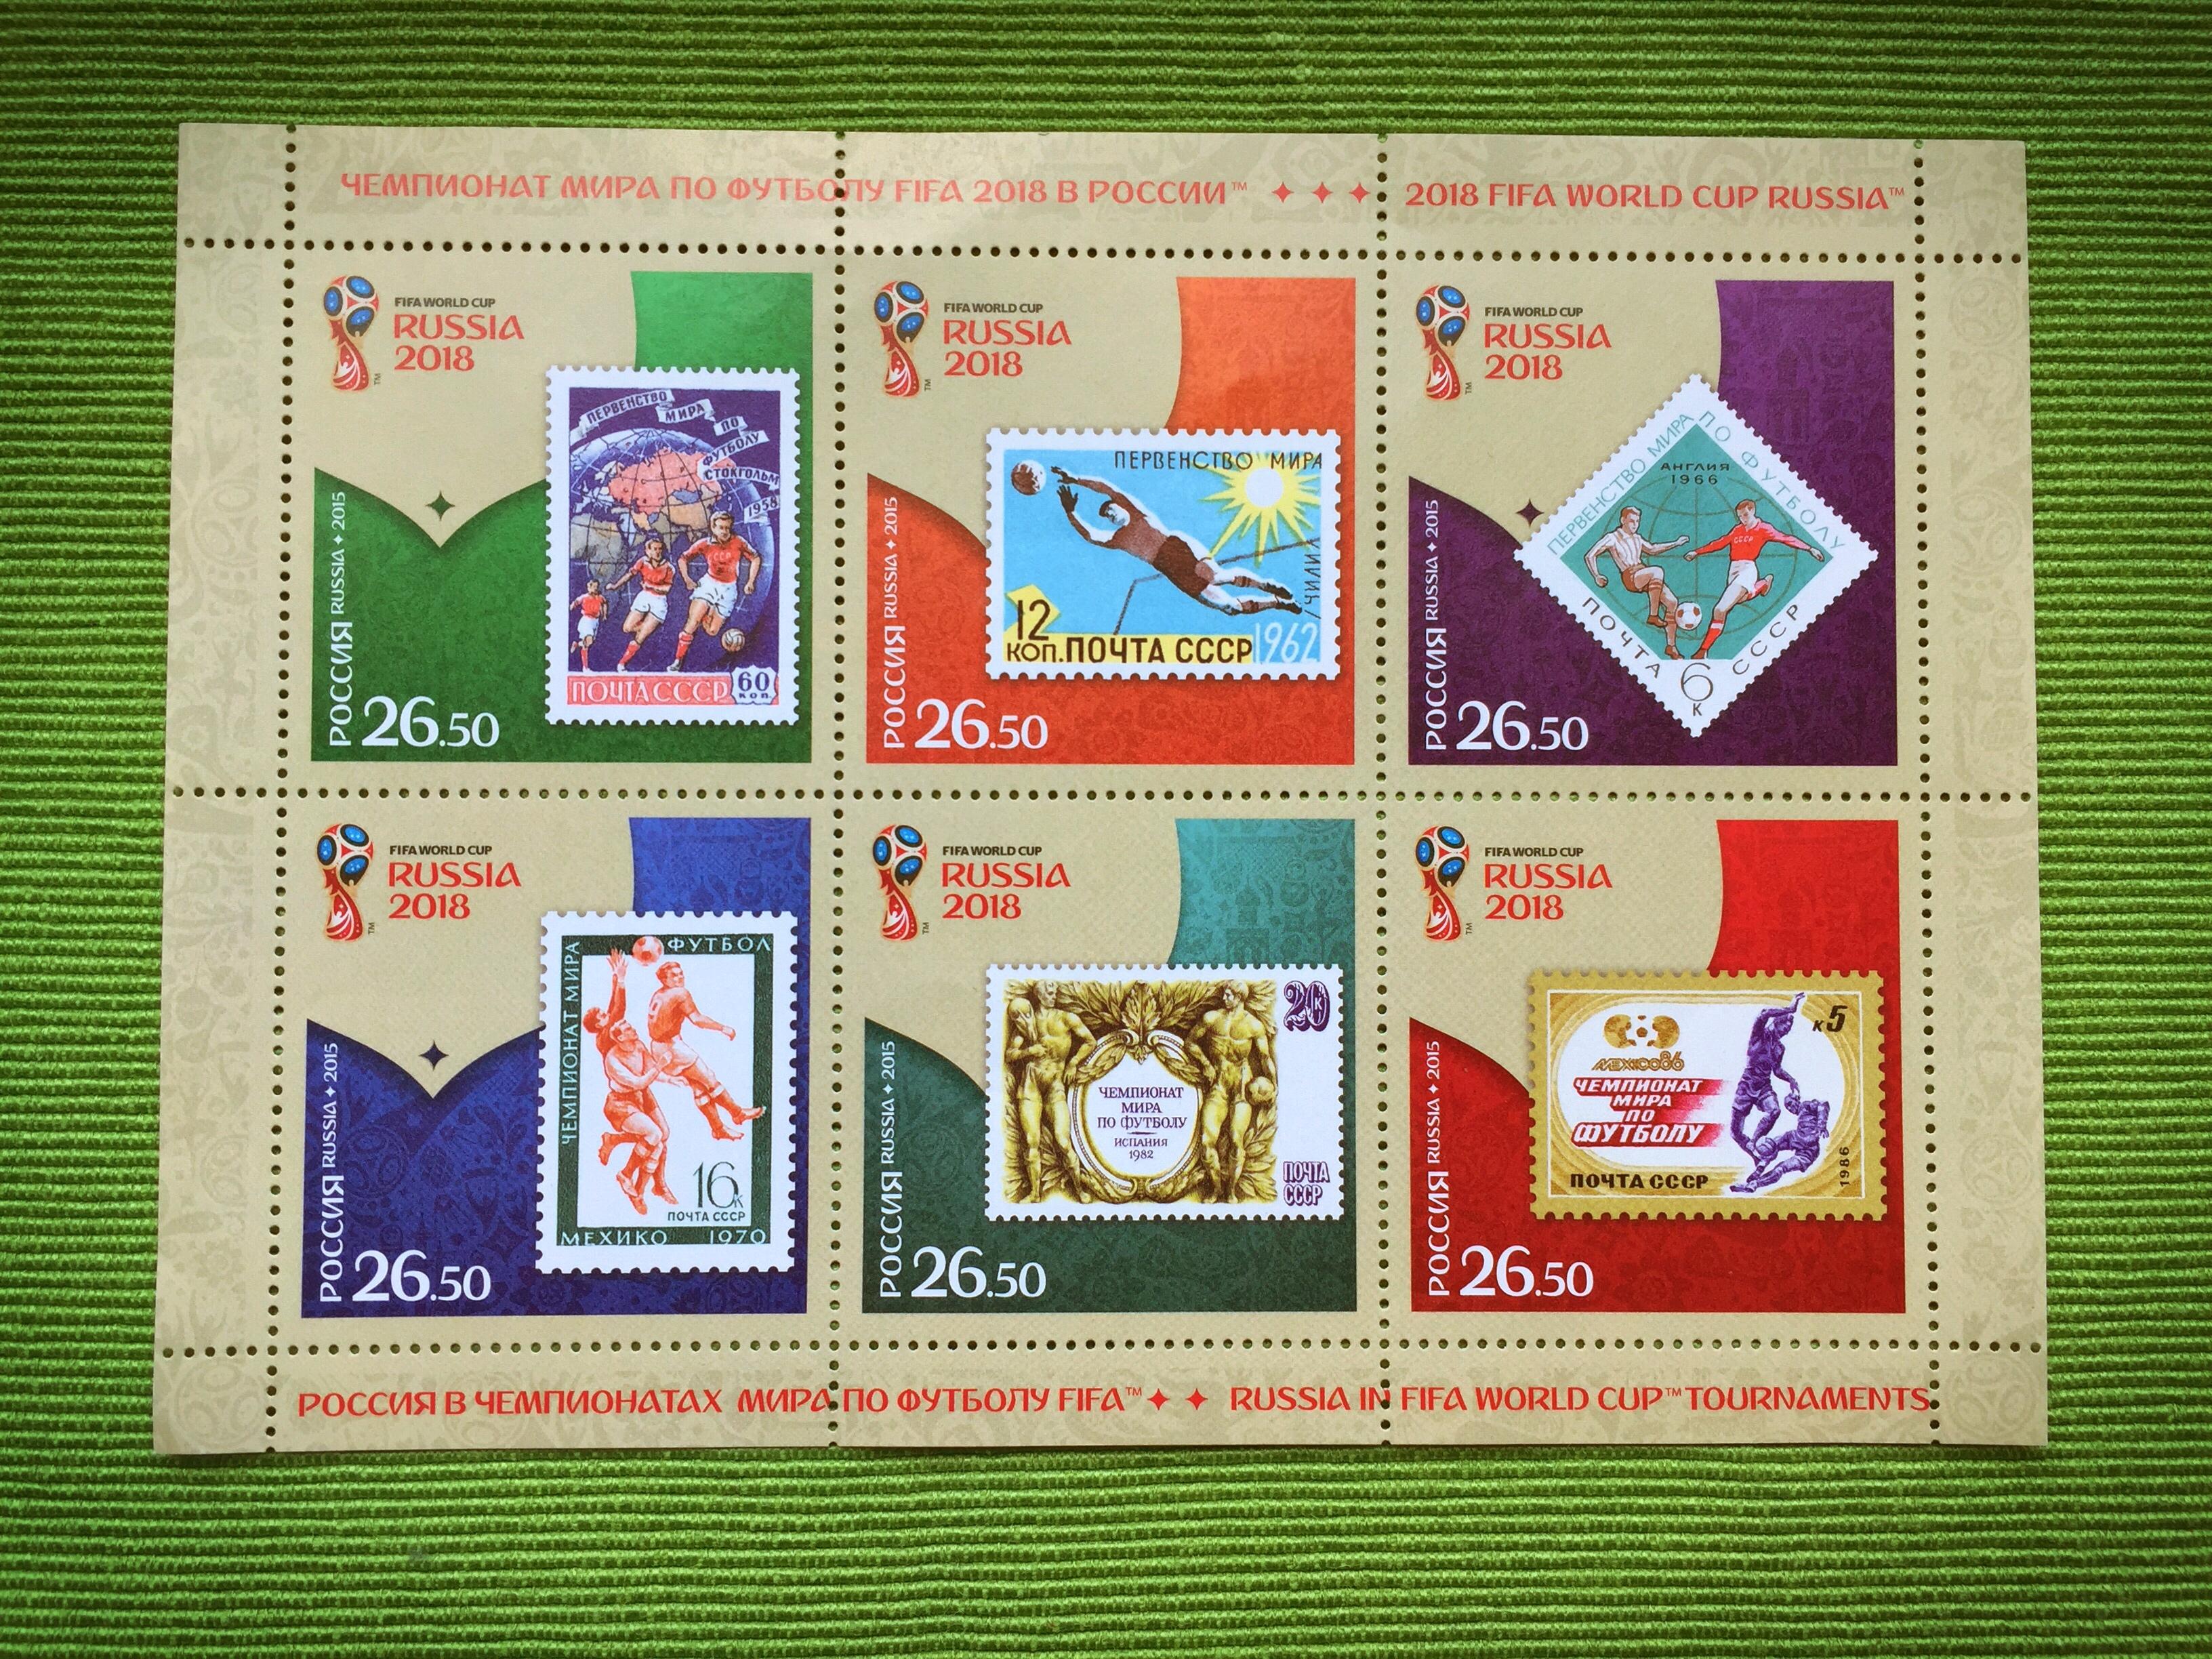 kscheib Russland Fußball-WM Briefmarken Geschichte